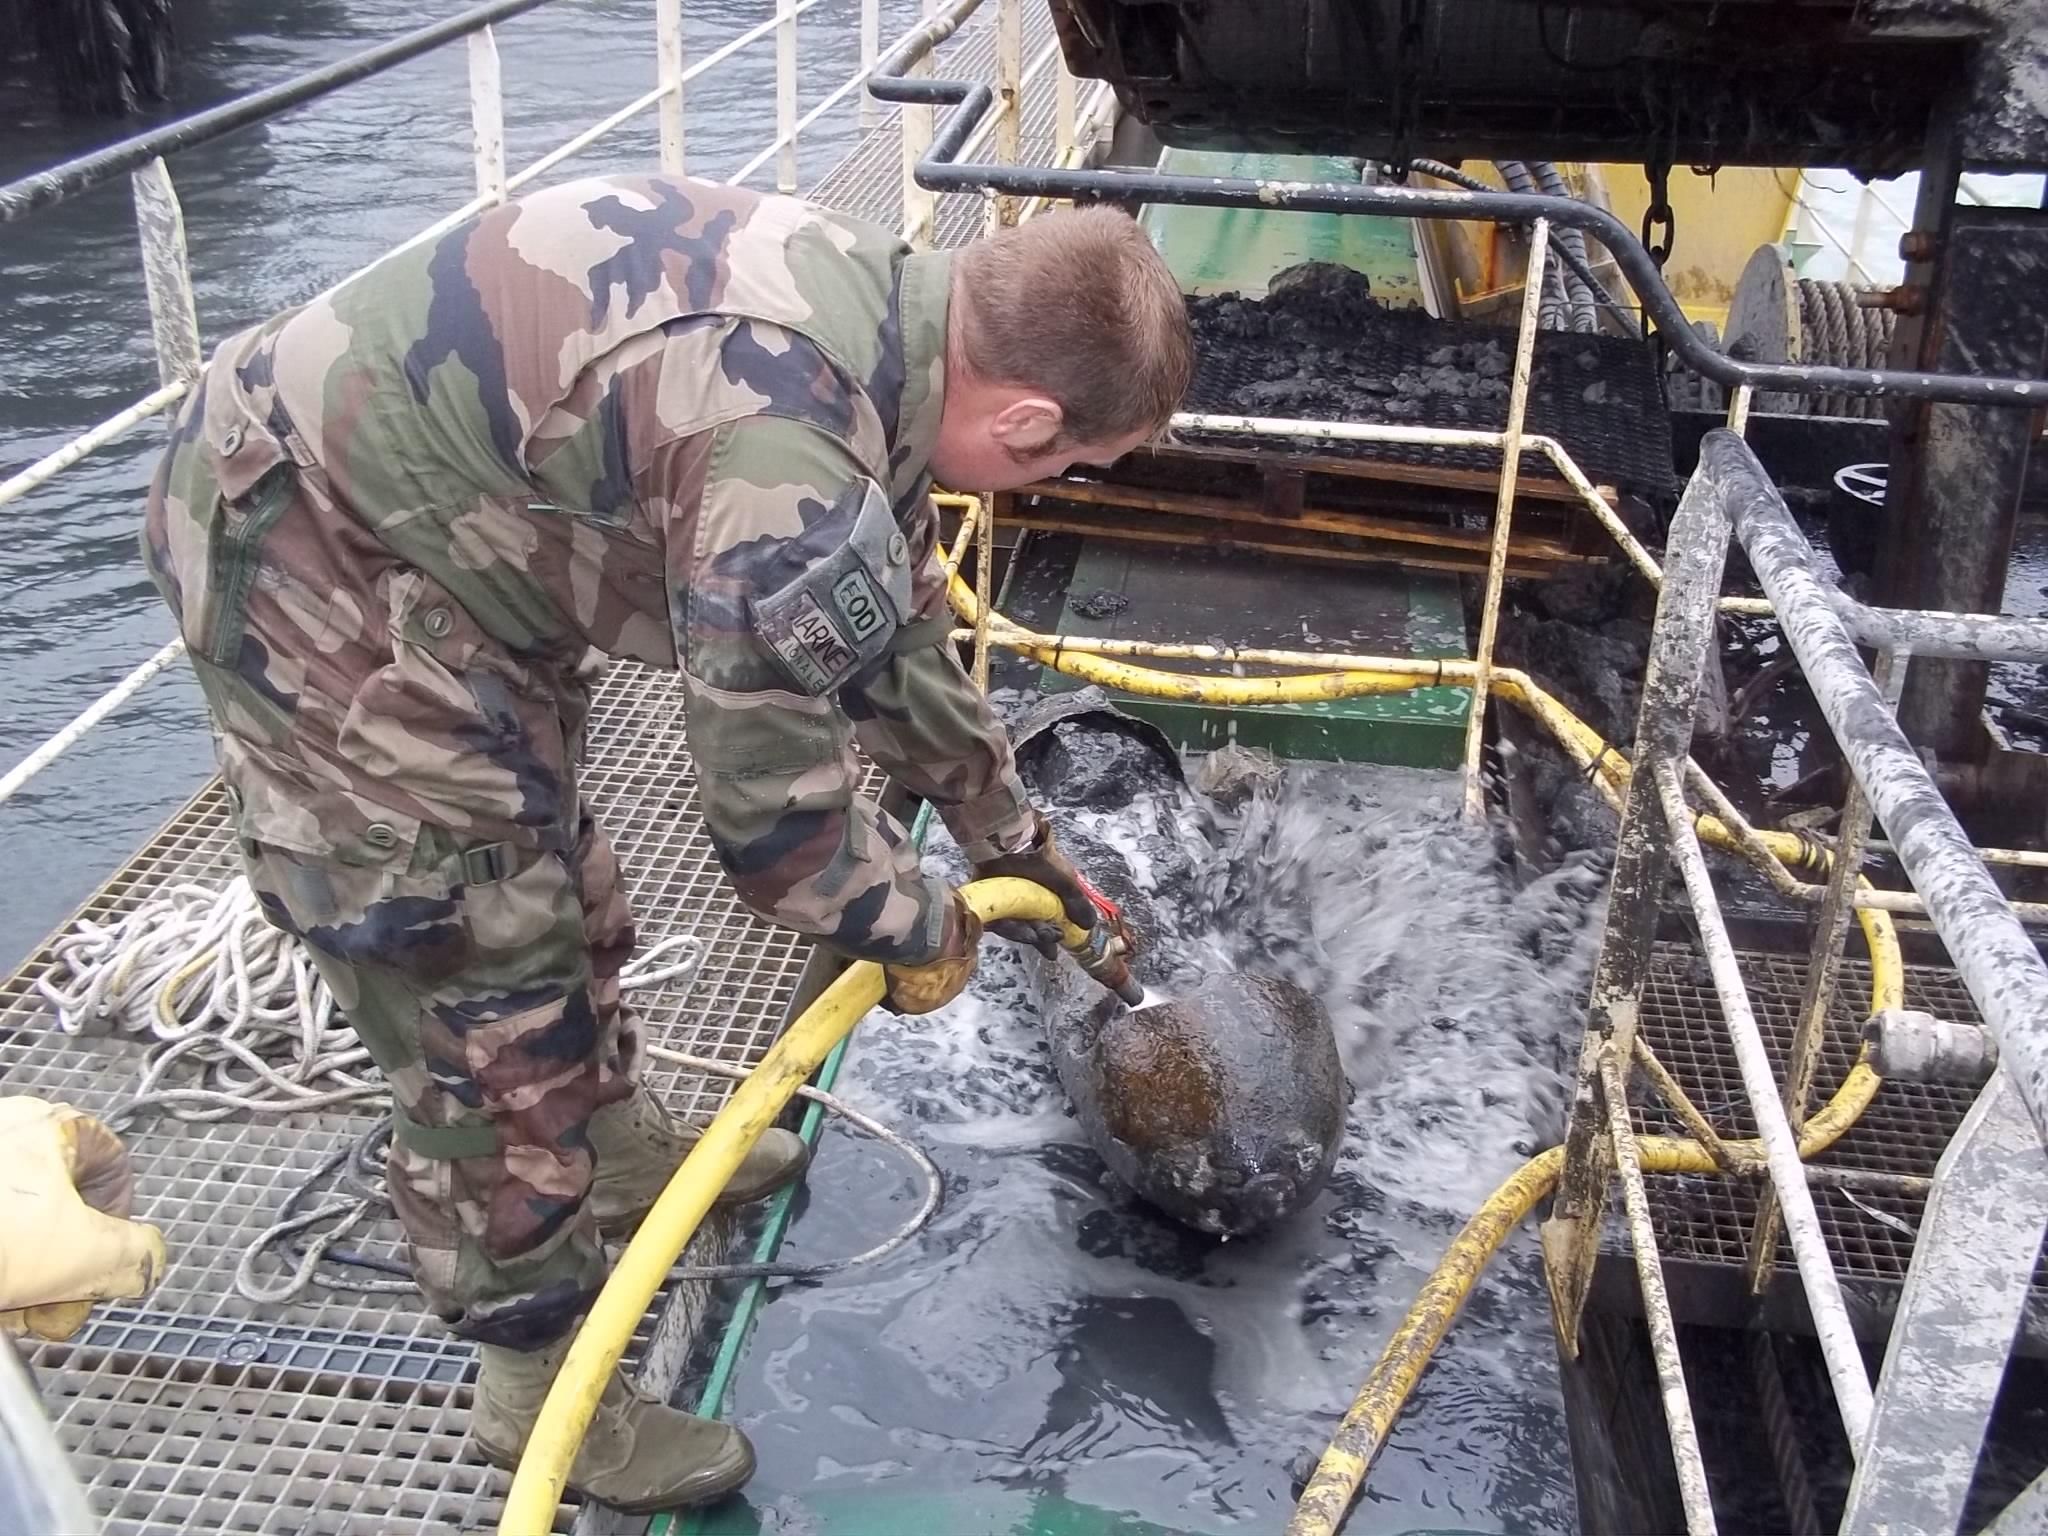 Une bombe américaine de 250 livres coincée dans la drague d'un bâtiment belge a été récupérée par les démineurs au large de Boulogne-sur-Mer (Photo @Prémar)